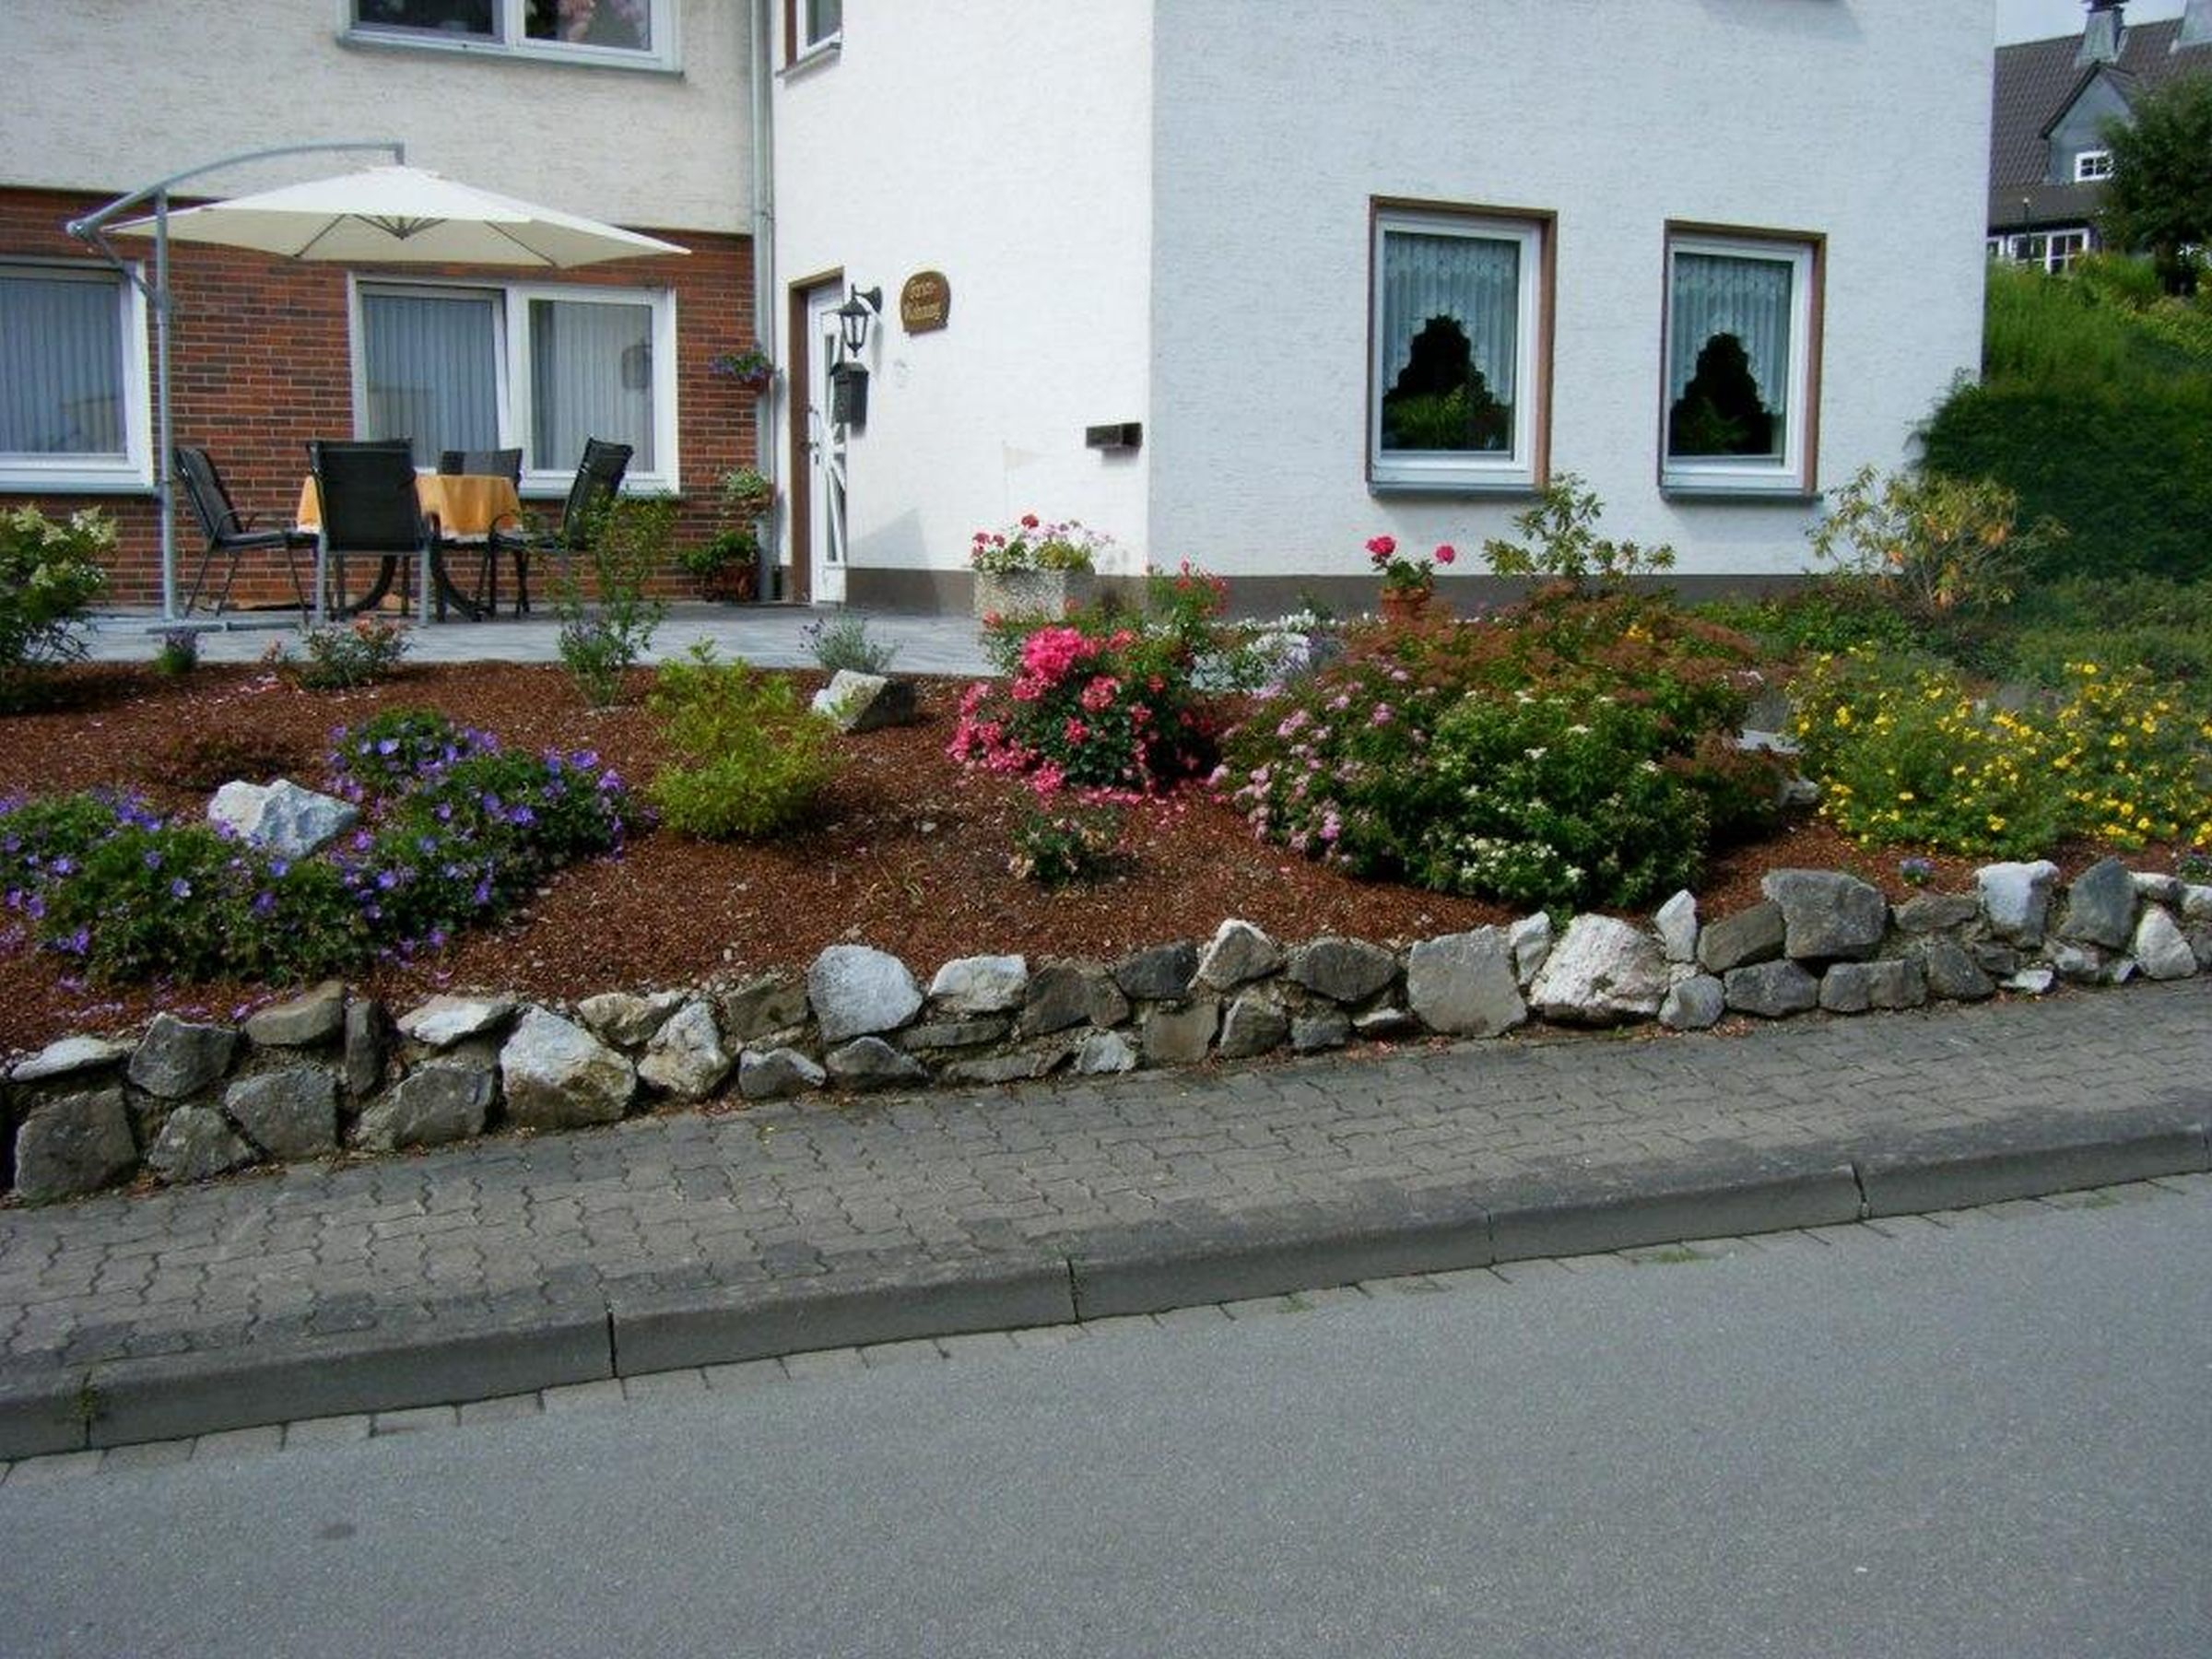 Ferienwohnung Hunold, (Marsberg). Ferienwohnung, 7 Ferienwohnung in Nordrhein Westfalen